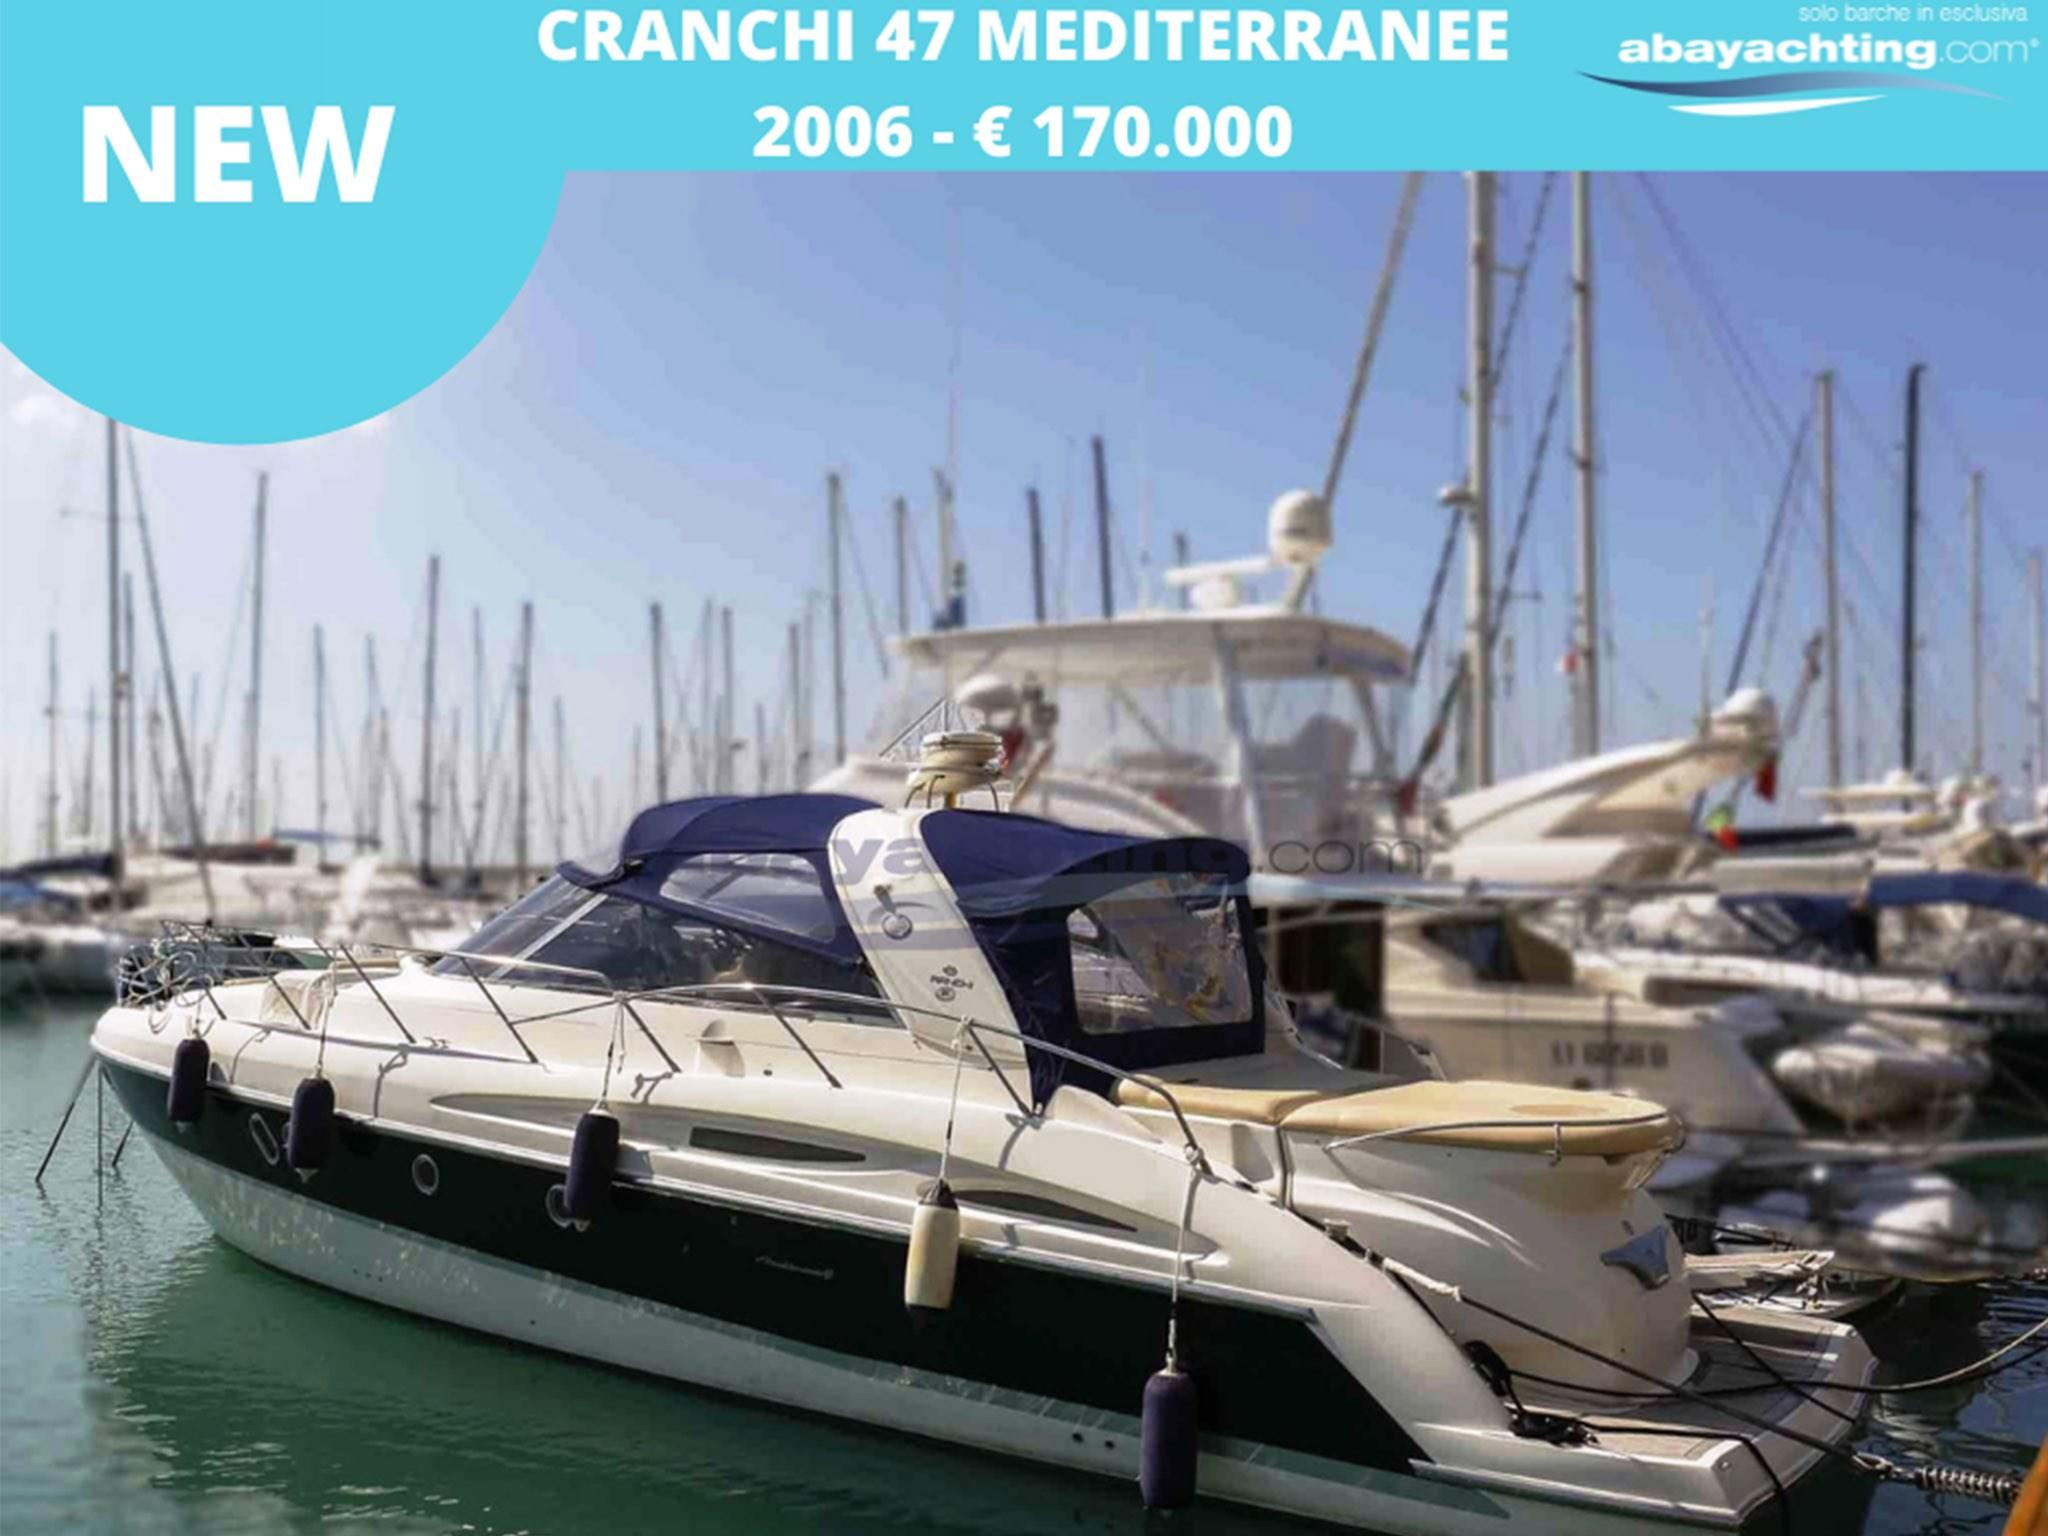 New arrival Cranchi 47 Mediterranee